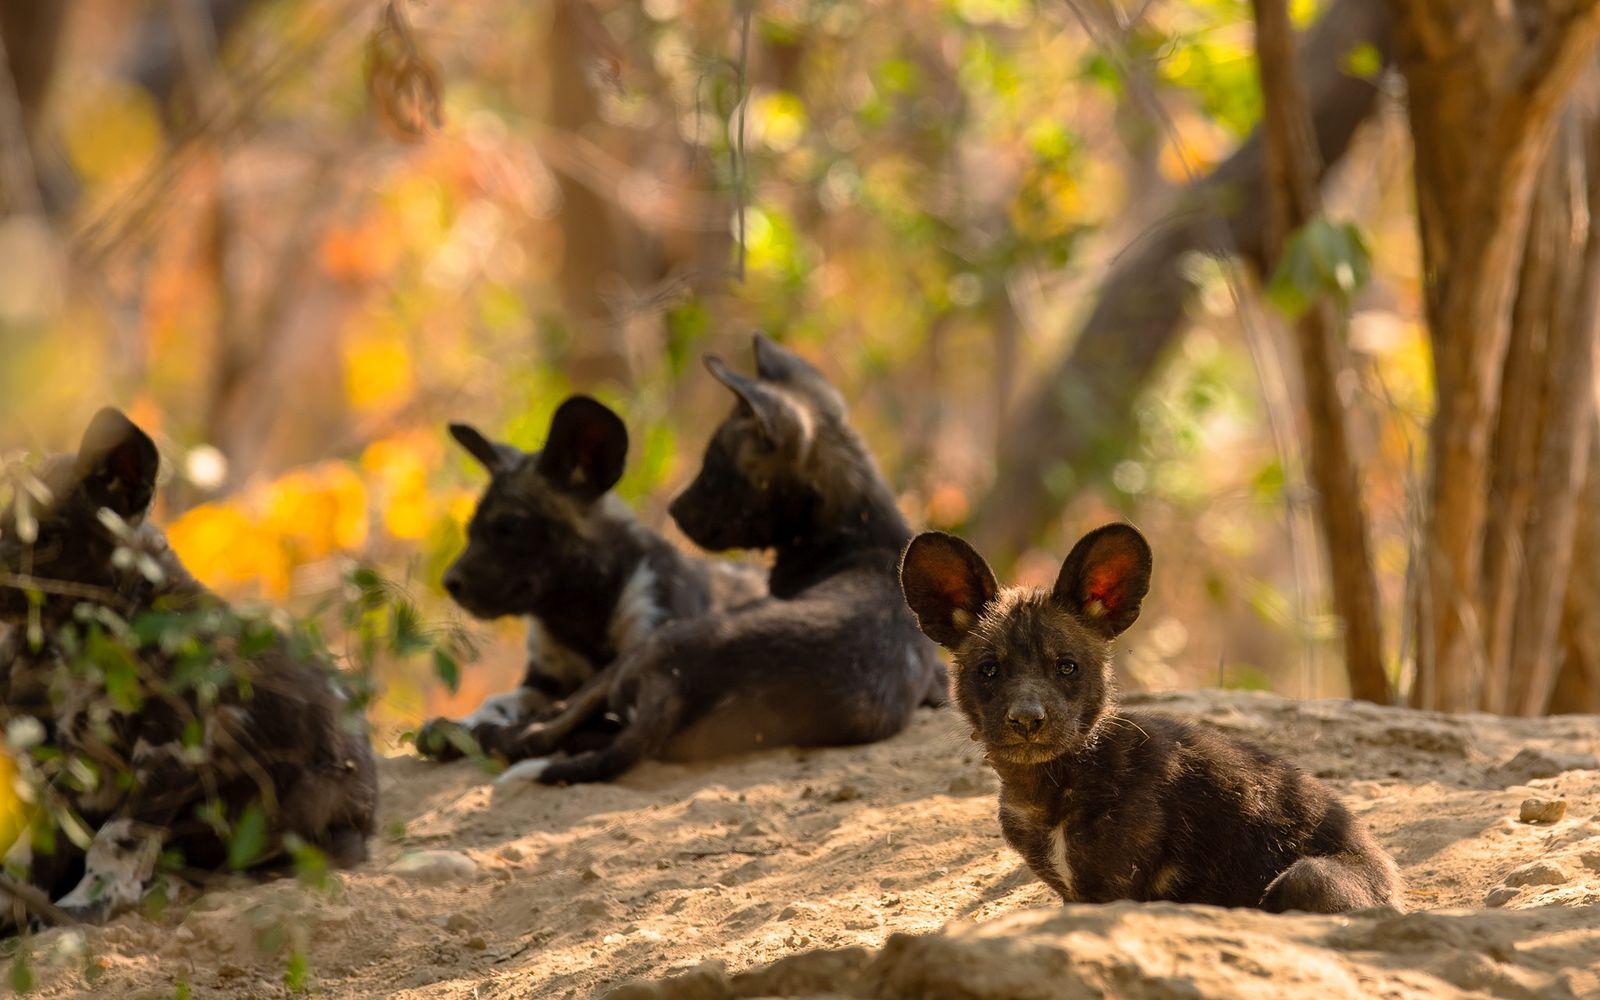 Nach ungefähr einem Monat verwandeln sich die Ohren der afrikanischen Wildhunde in die charakteristischen Micky-Maus-Ohren.